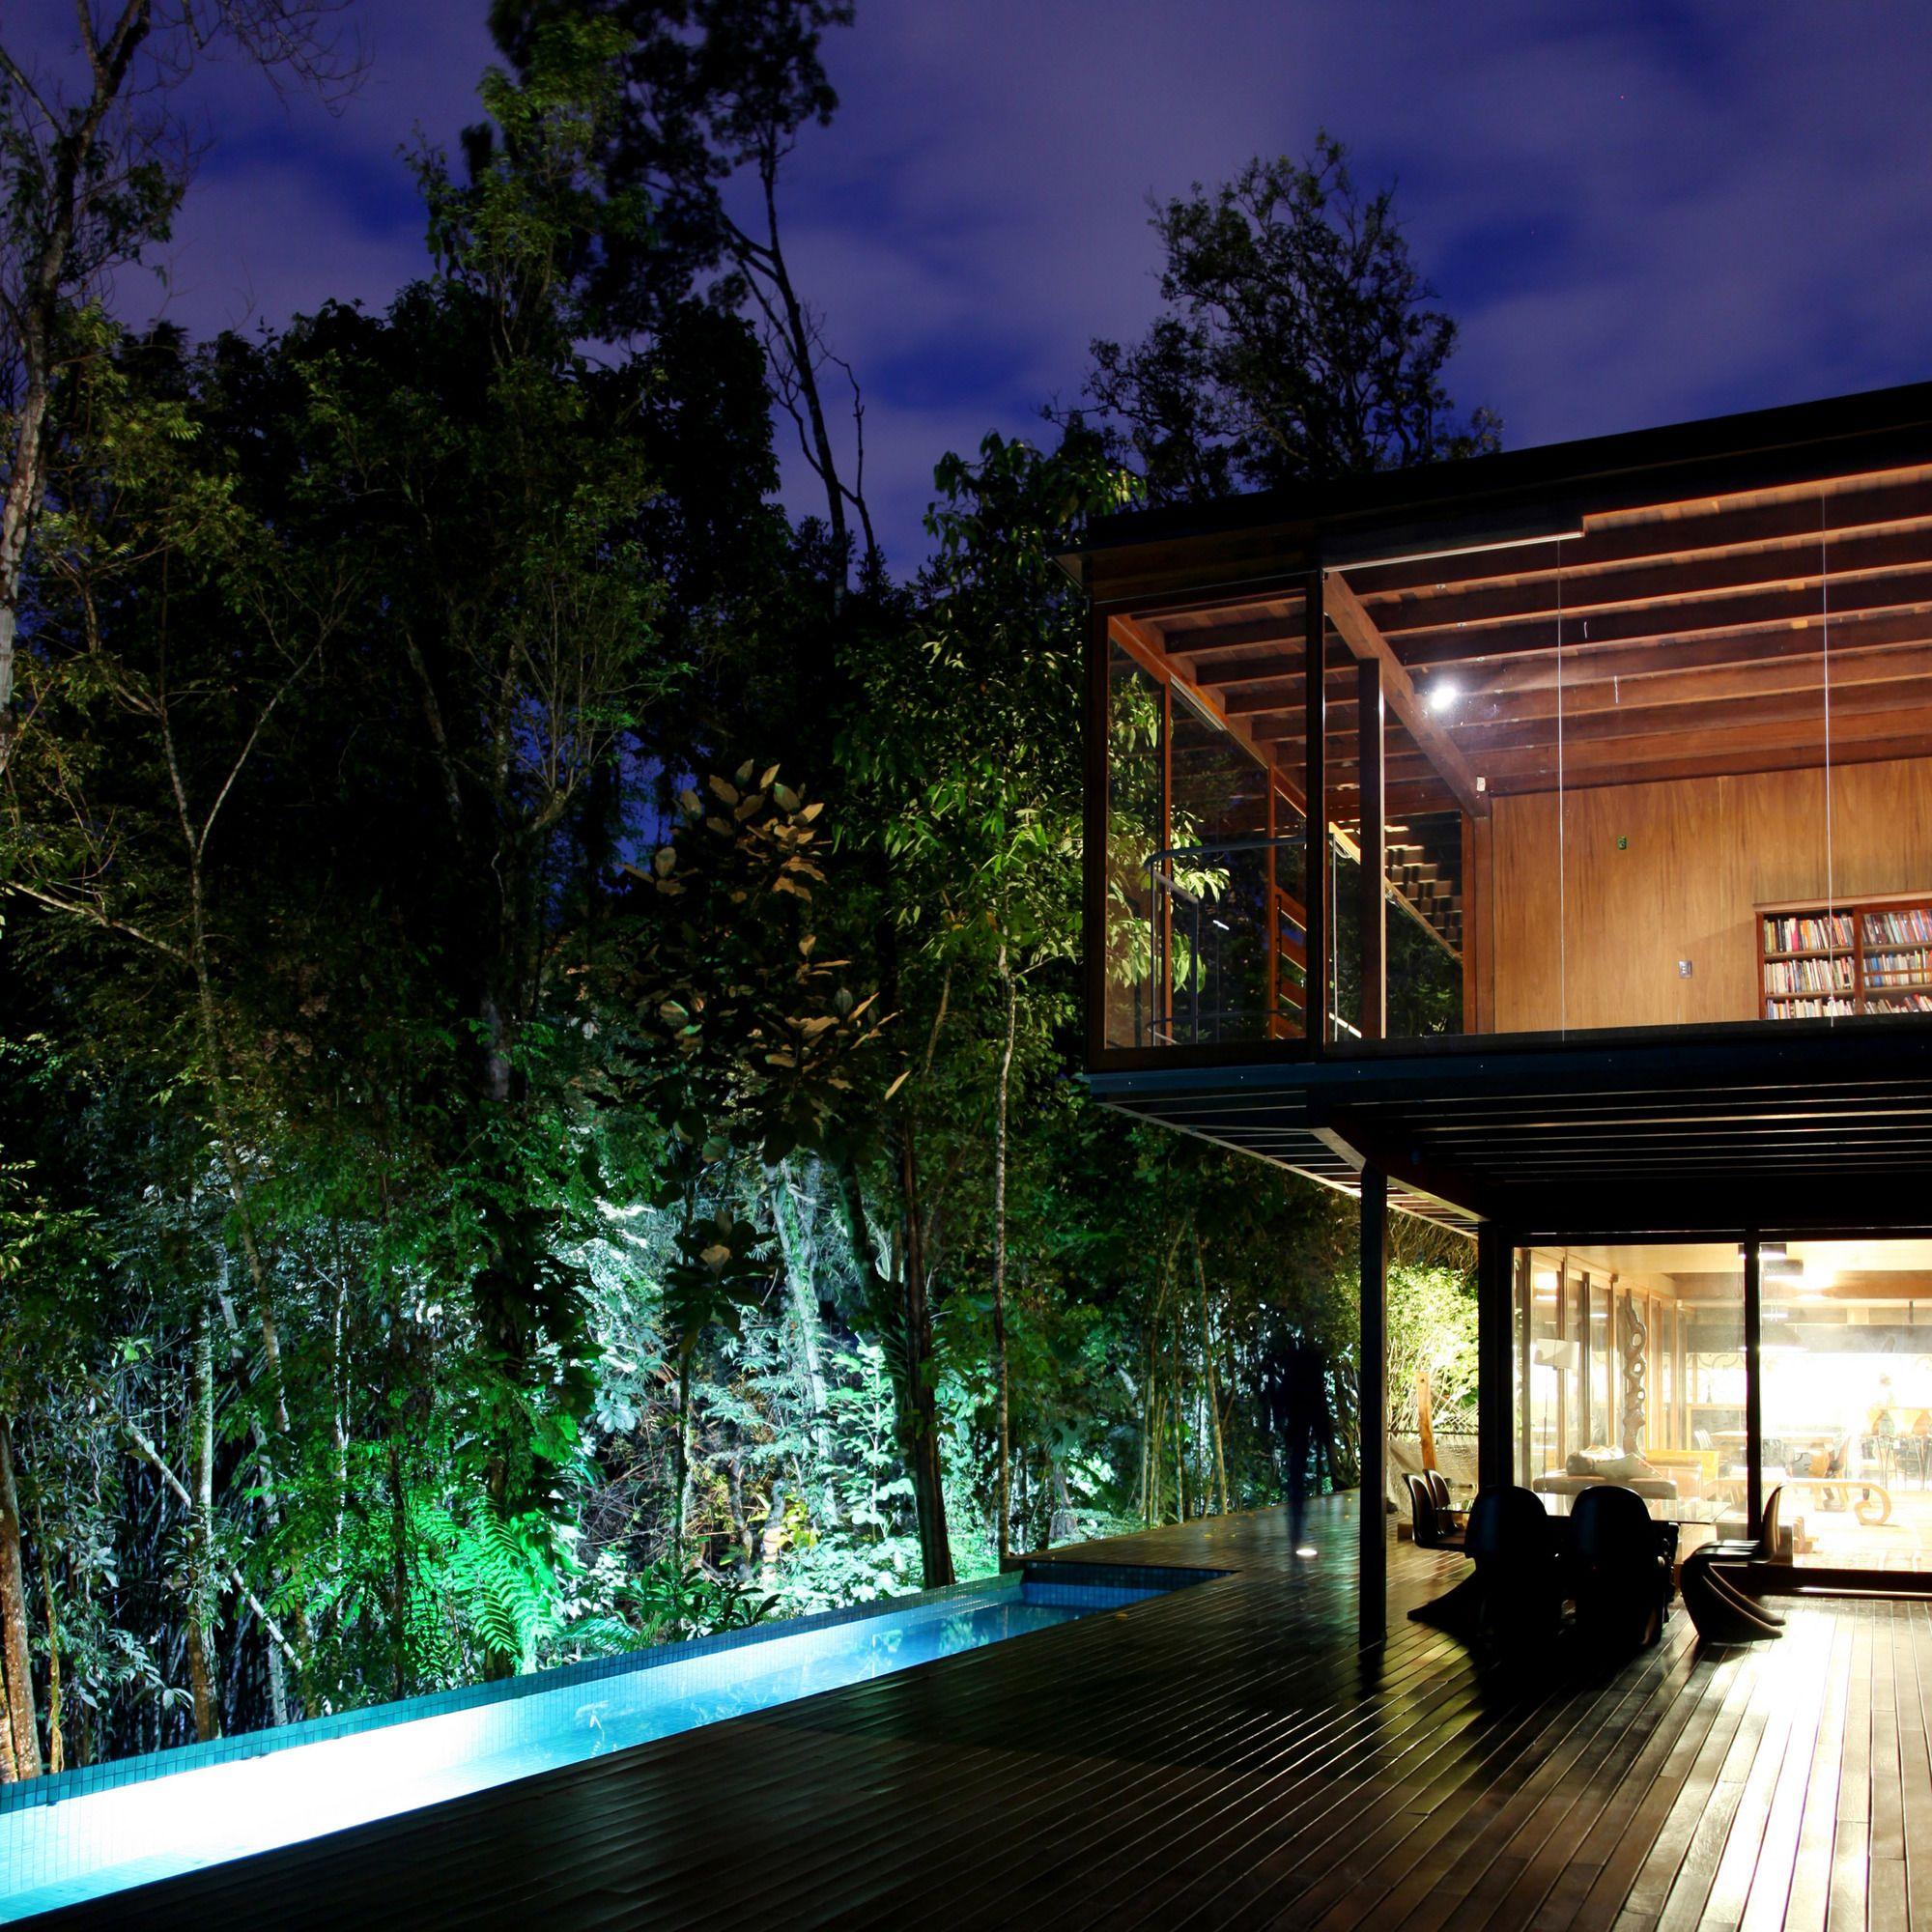 Galería - Casa en Joinville / UNA Arquitetos - 51